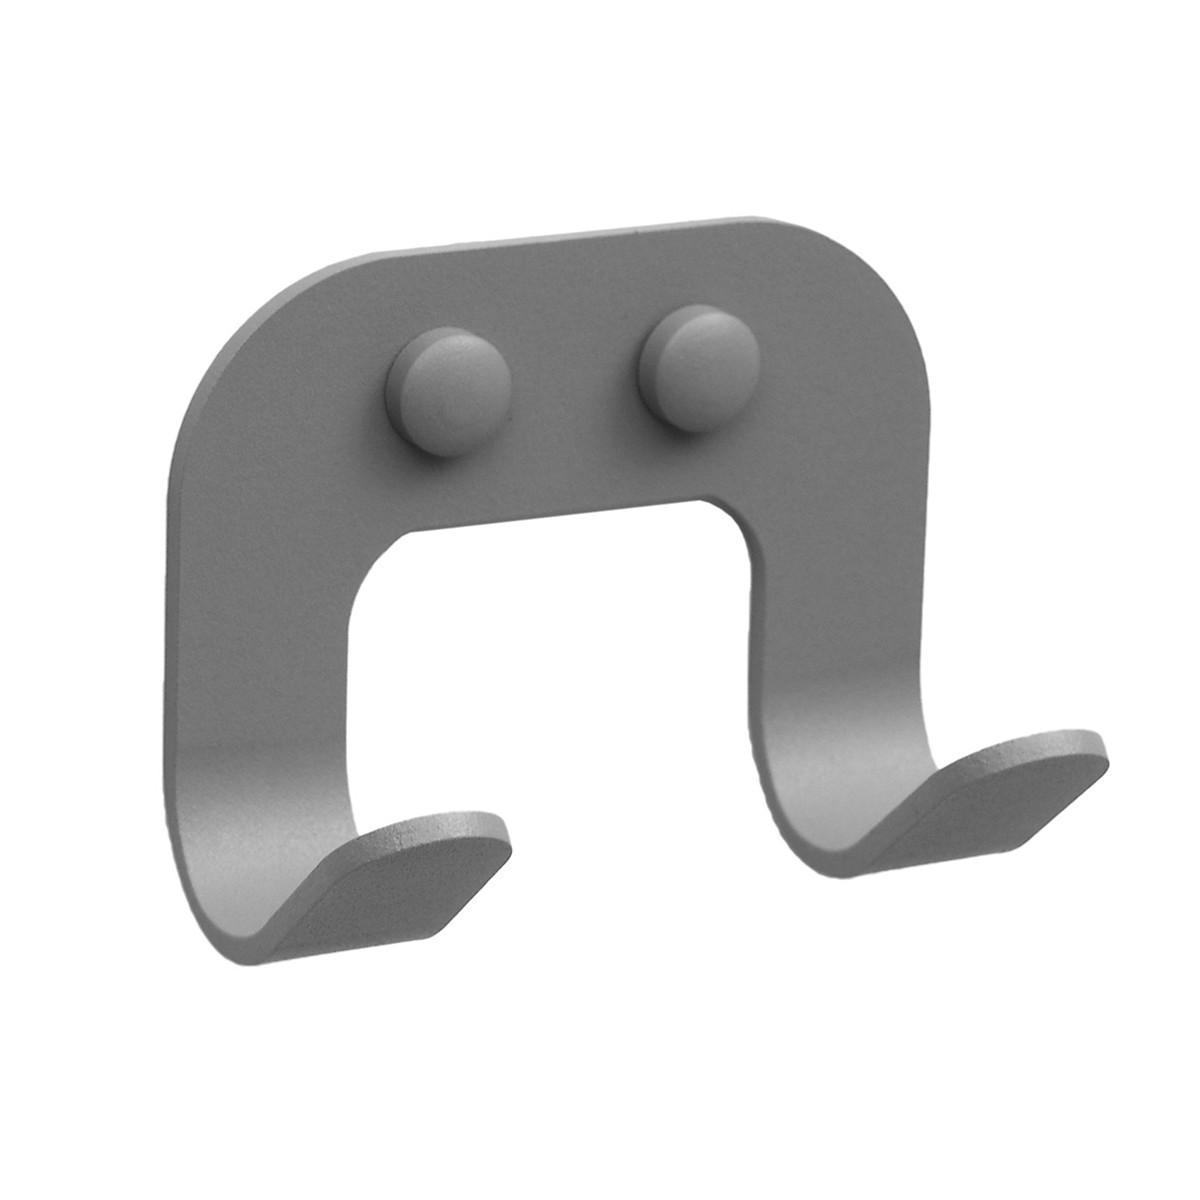 Κρεμάστρα 11163-28 Concrete Grey